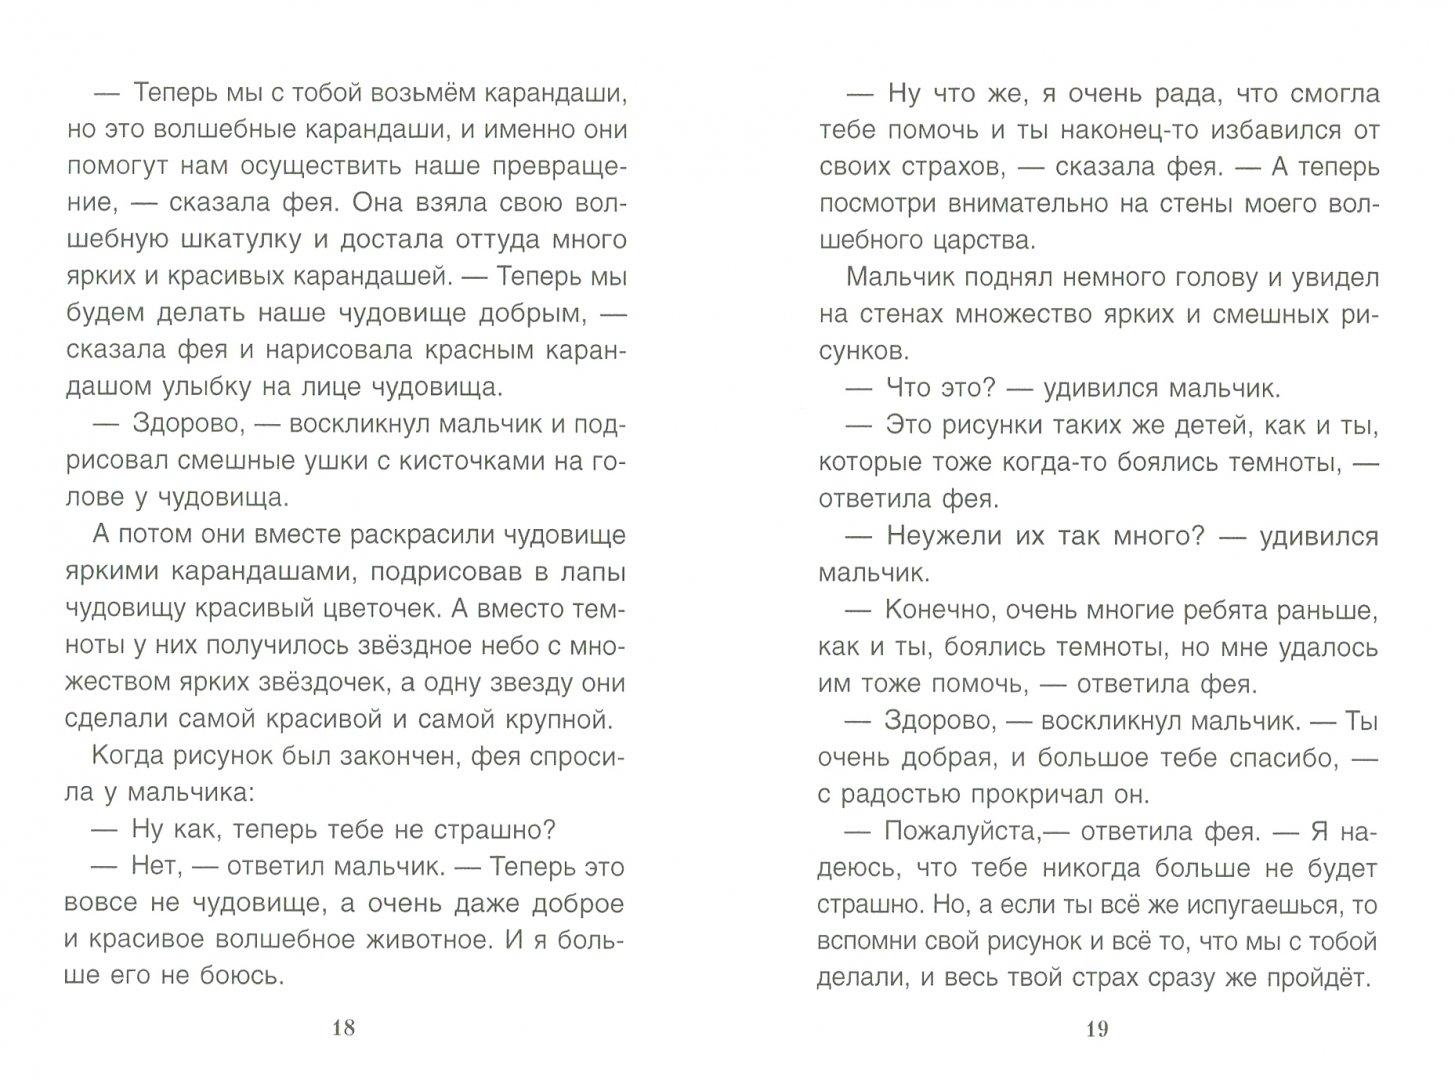 Иллюстрация 1 из 13 для Девочка с мишкой. Терапевтические сказки - Хухлаев, Хухлаева | Лабиринт - книги. Источник: Лабиринт